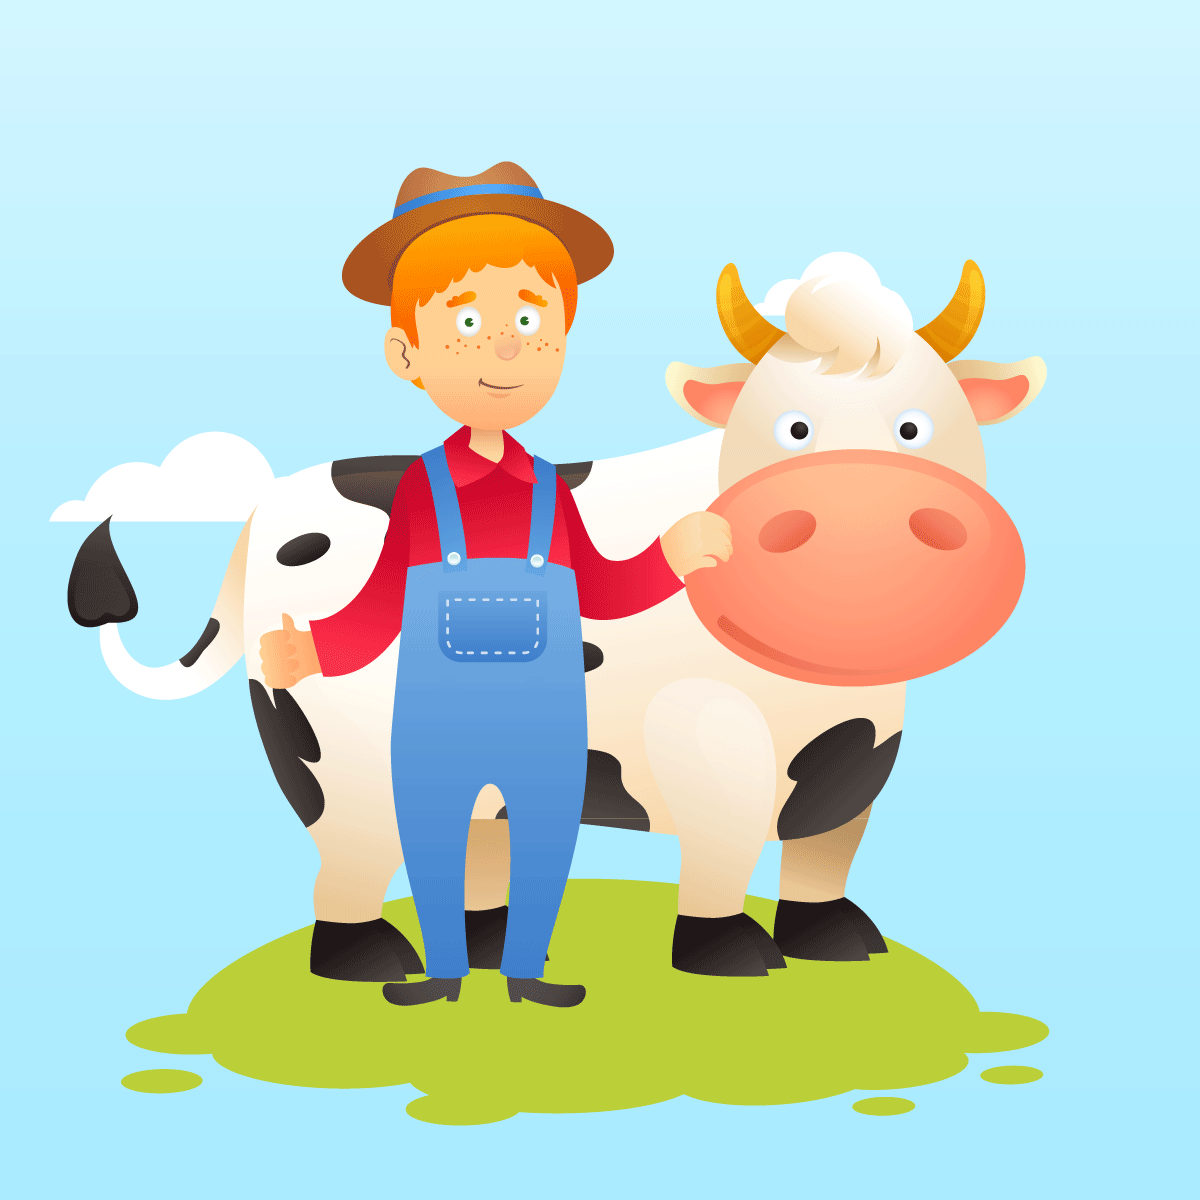 Анекдот о мужике с коровой, который ловил попутку